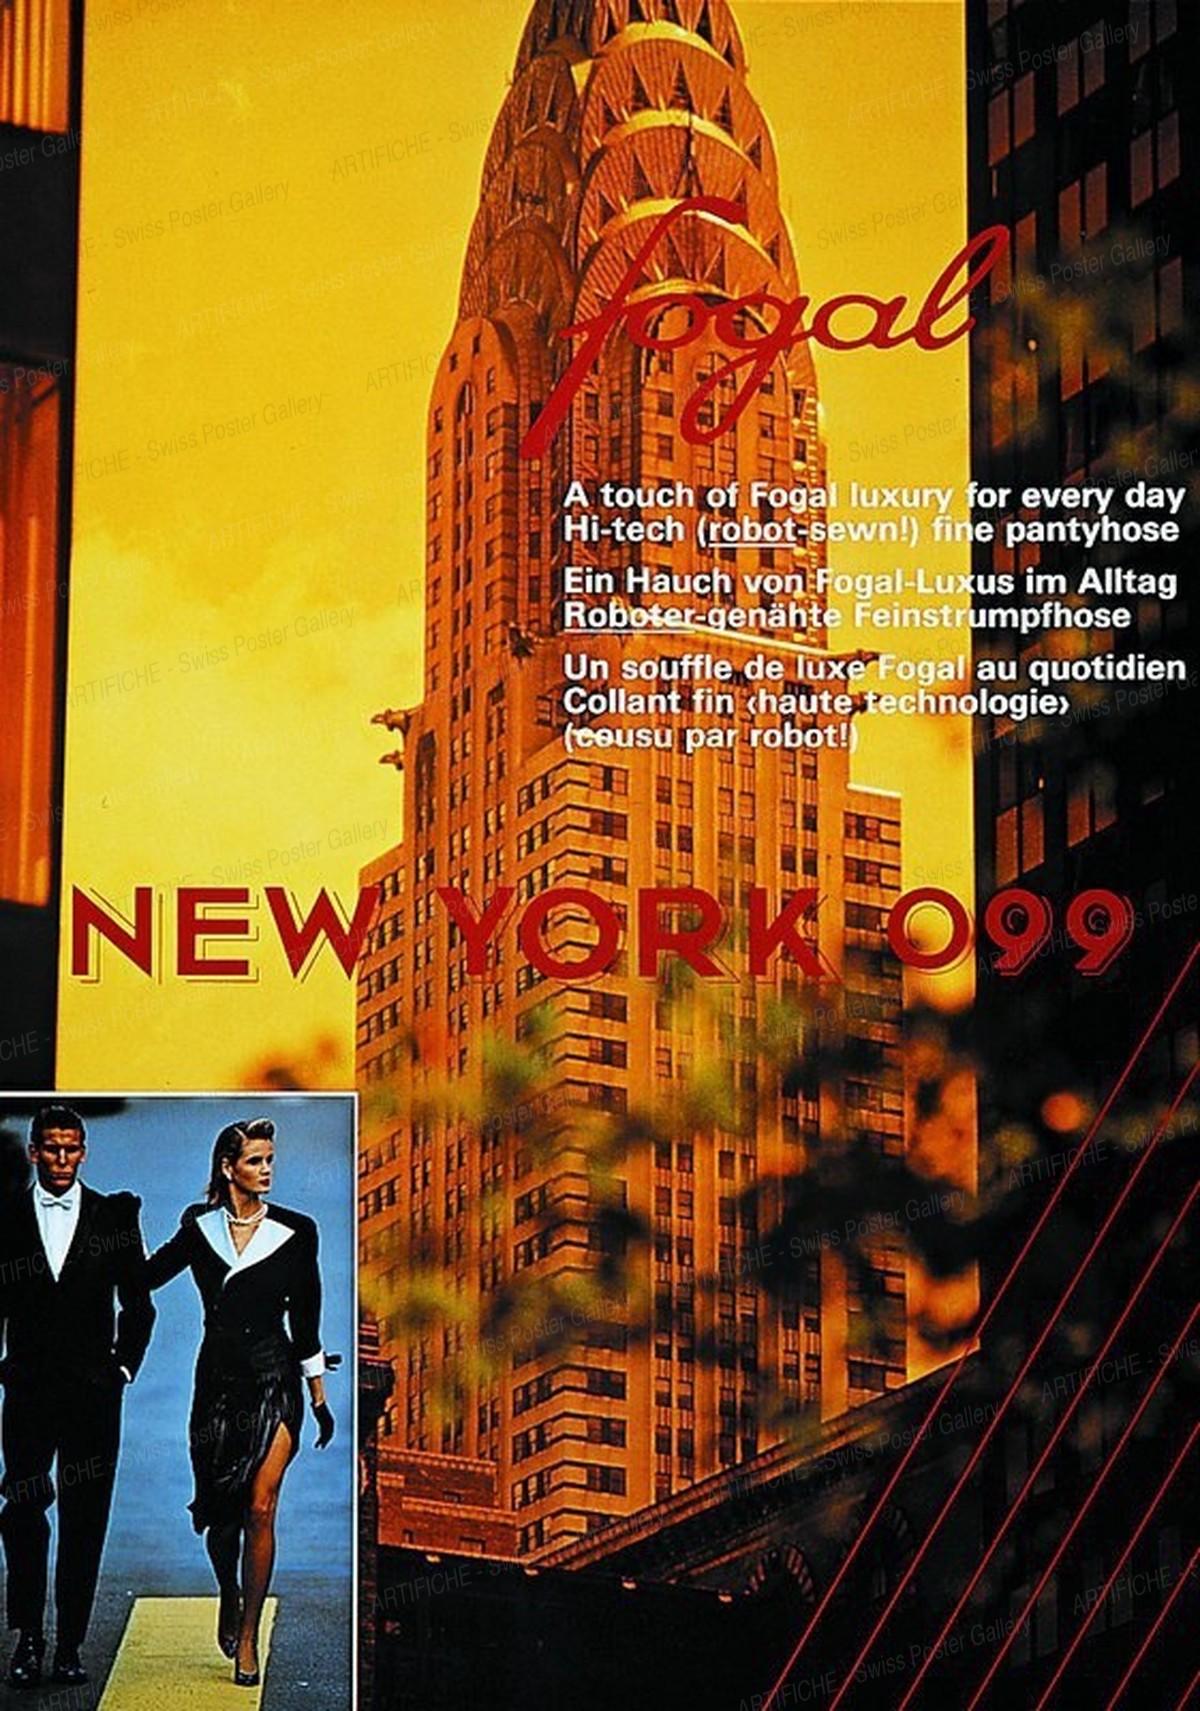 Fogal – NEW YORK 099, Ernst Wirz